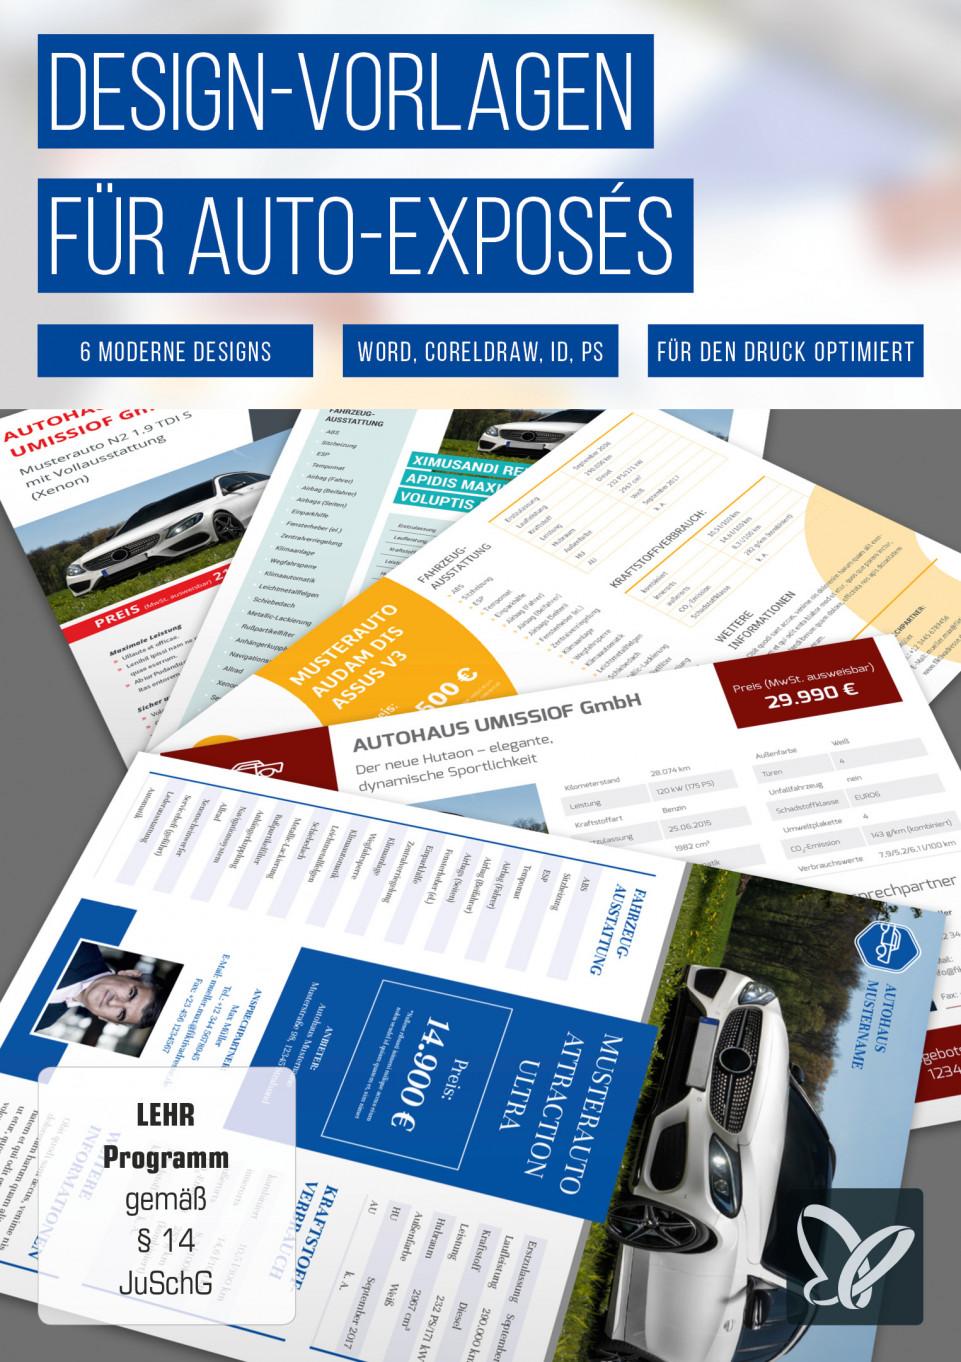 Design-Vorlagen für Auto-Exposés